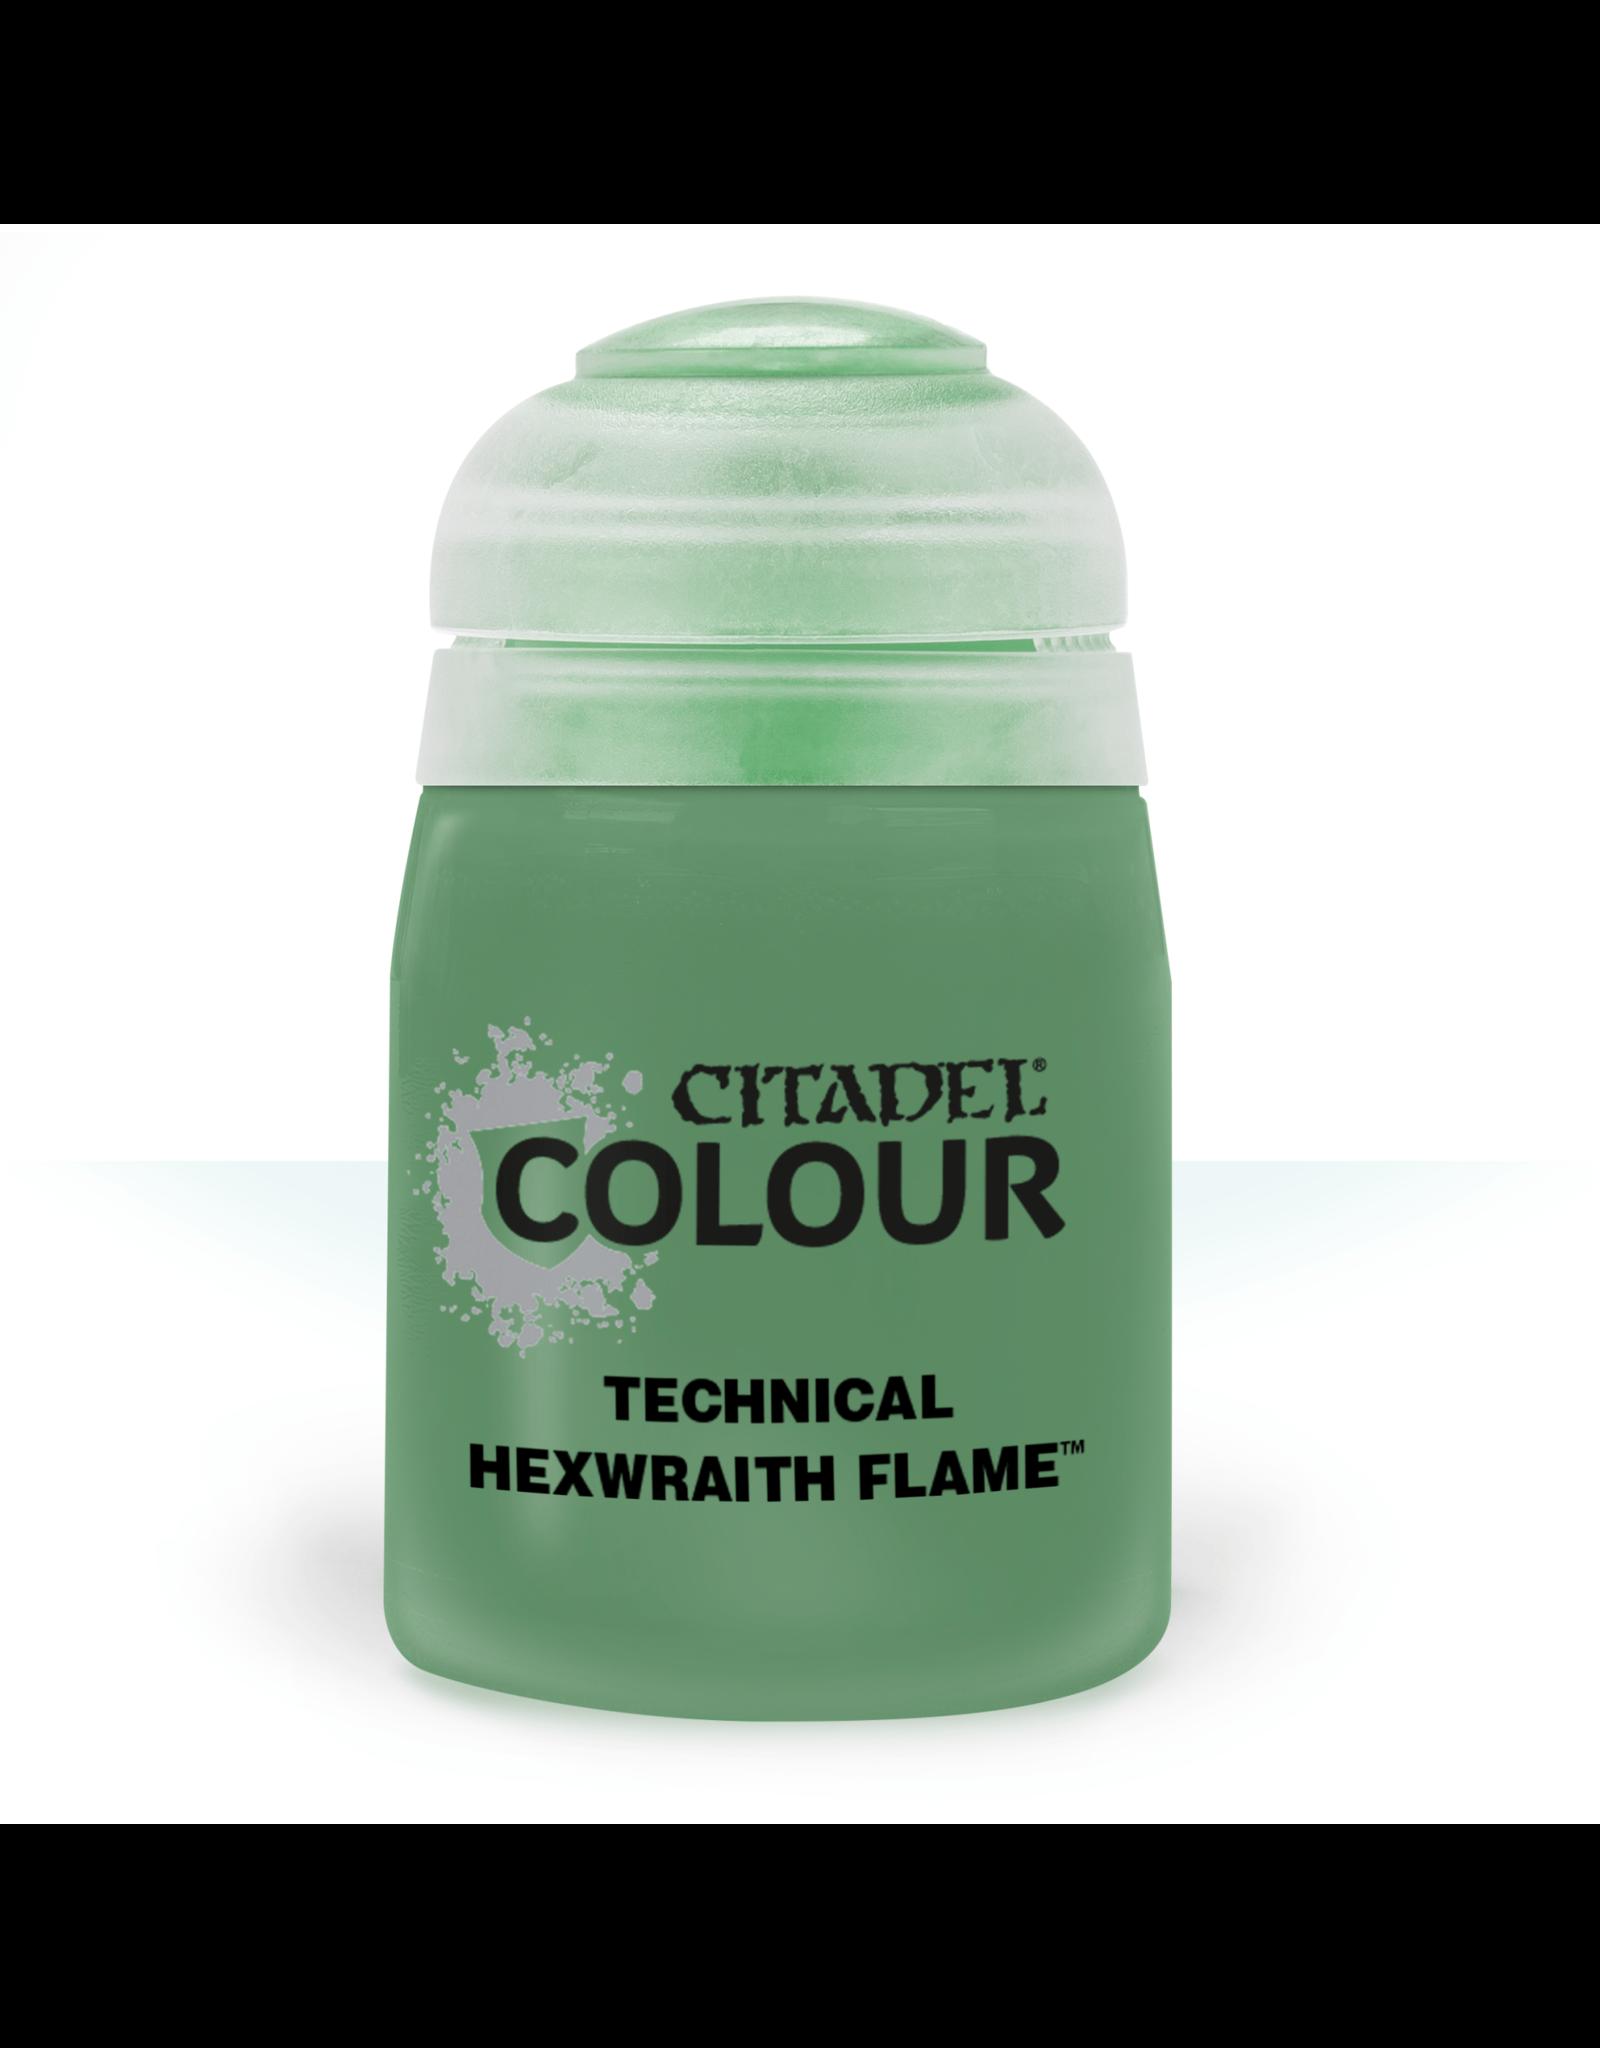 Citadel Citadel Paints Technical Paint Hexwraith Flame